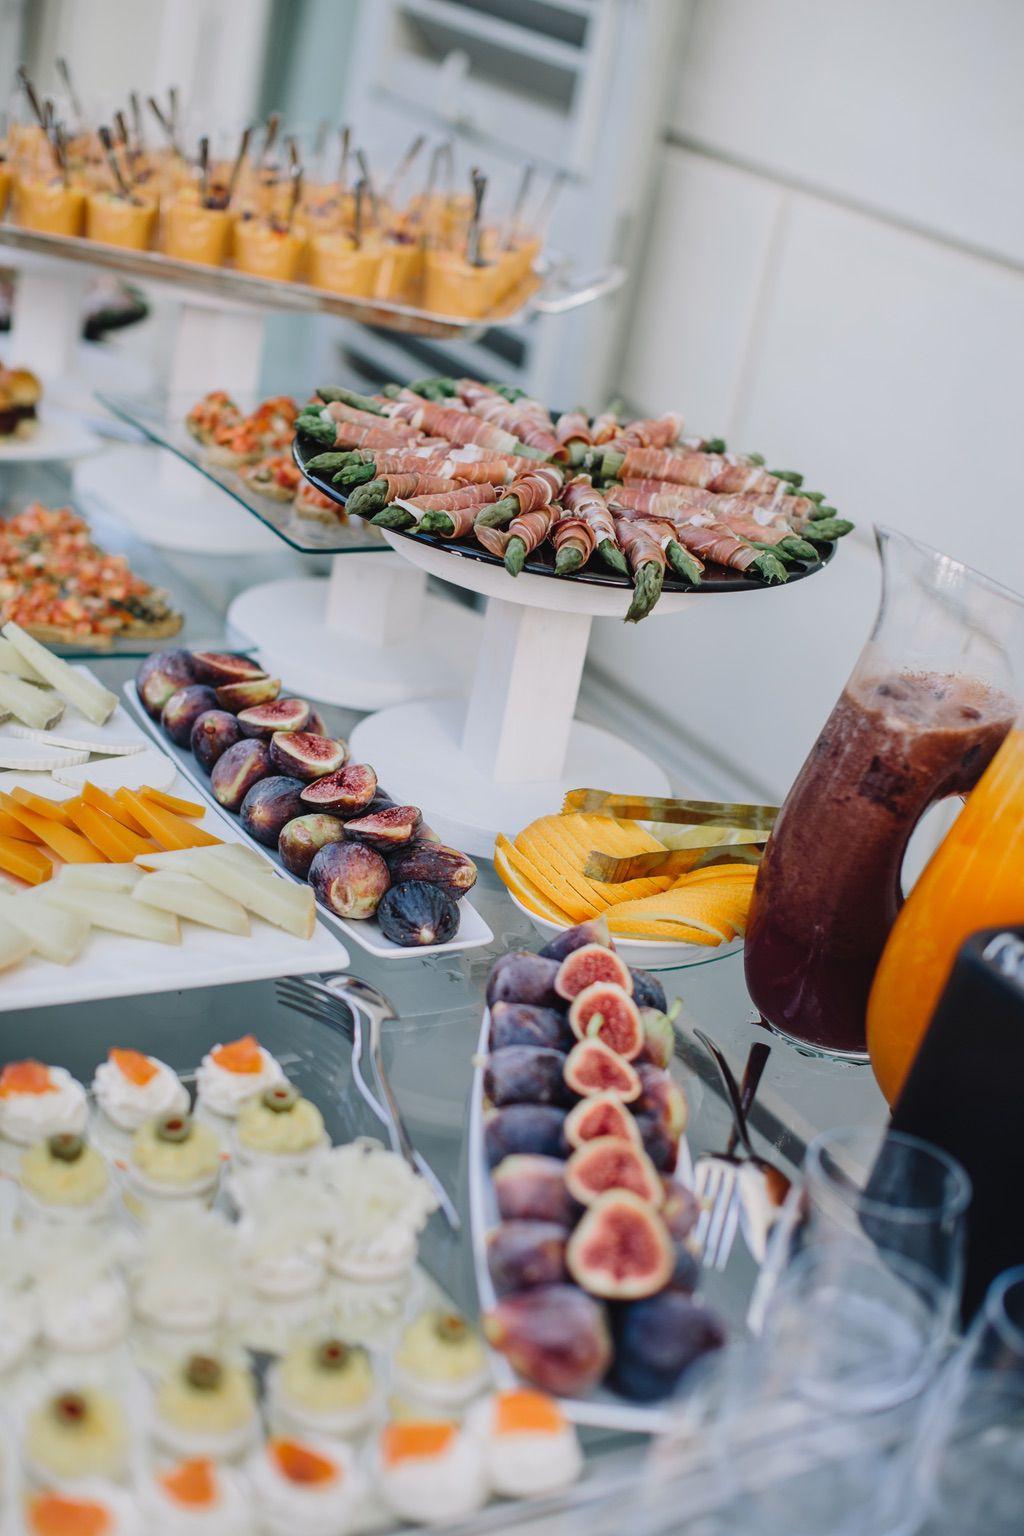 Italian wedding appetizer in Firenze